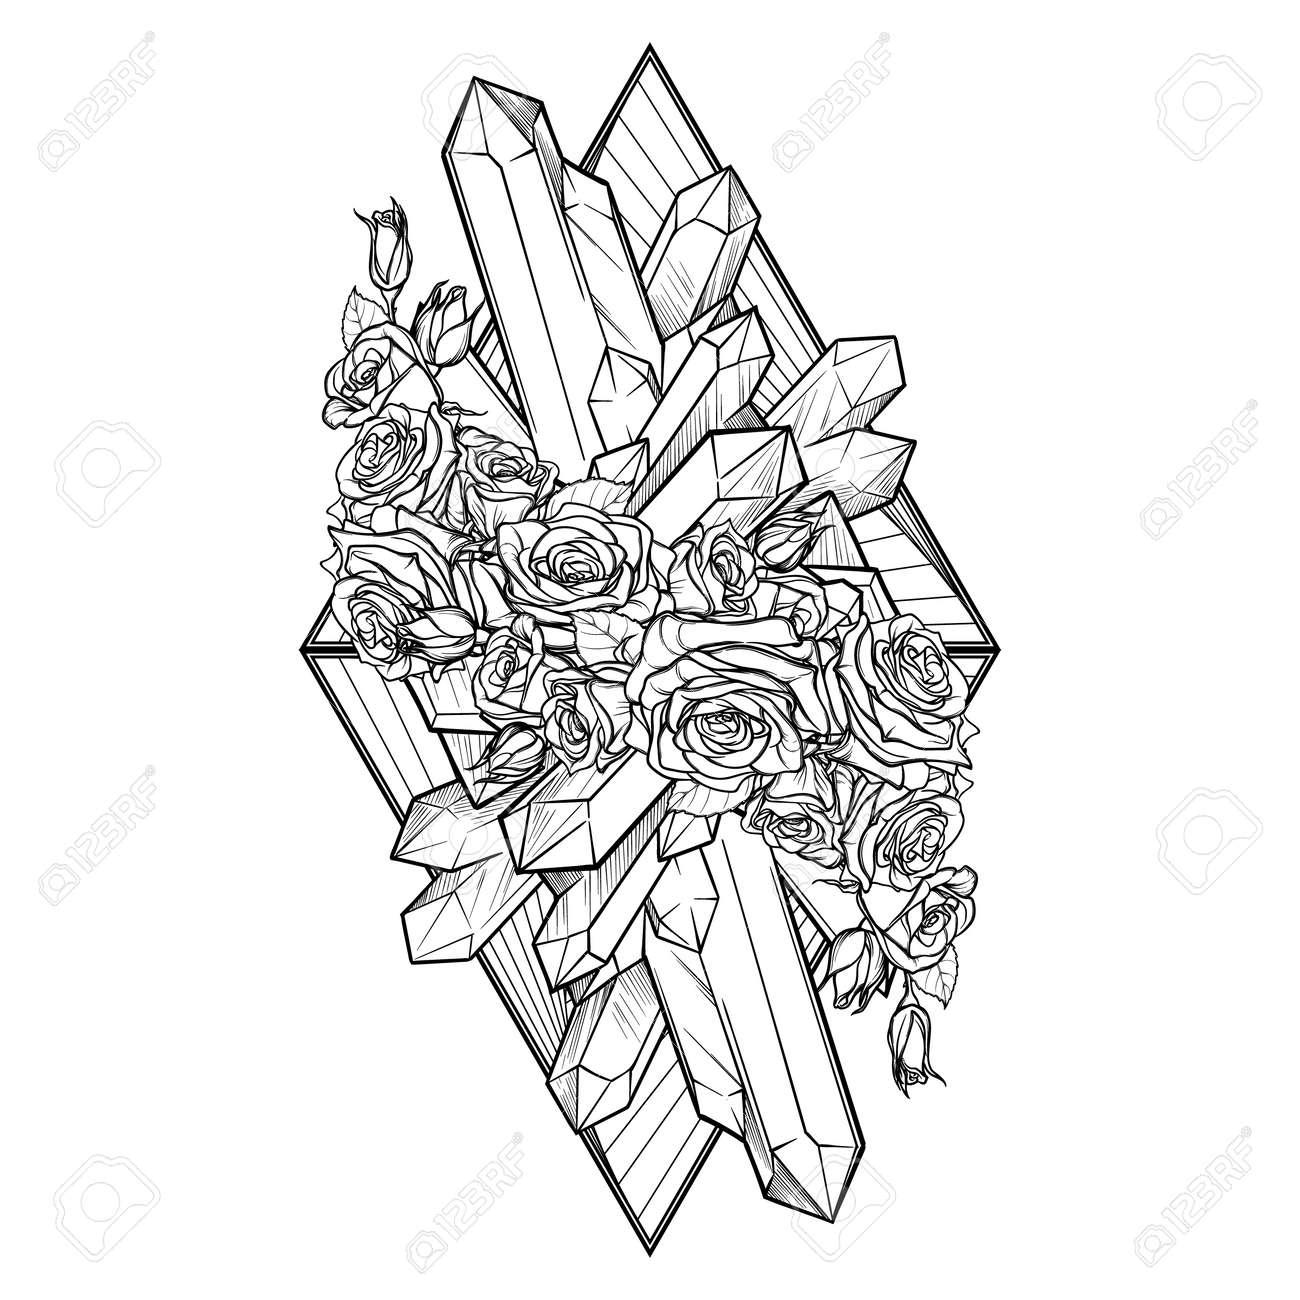 Elemento Alquímico De La Tierra Signo. Viñeta Vertical. Abajo ...